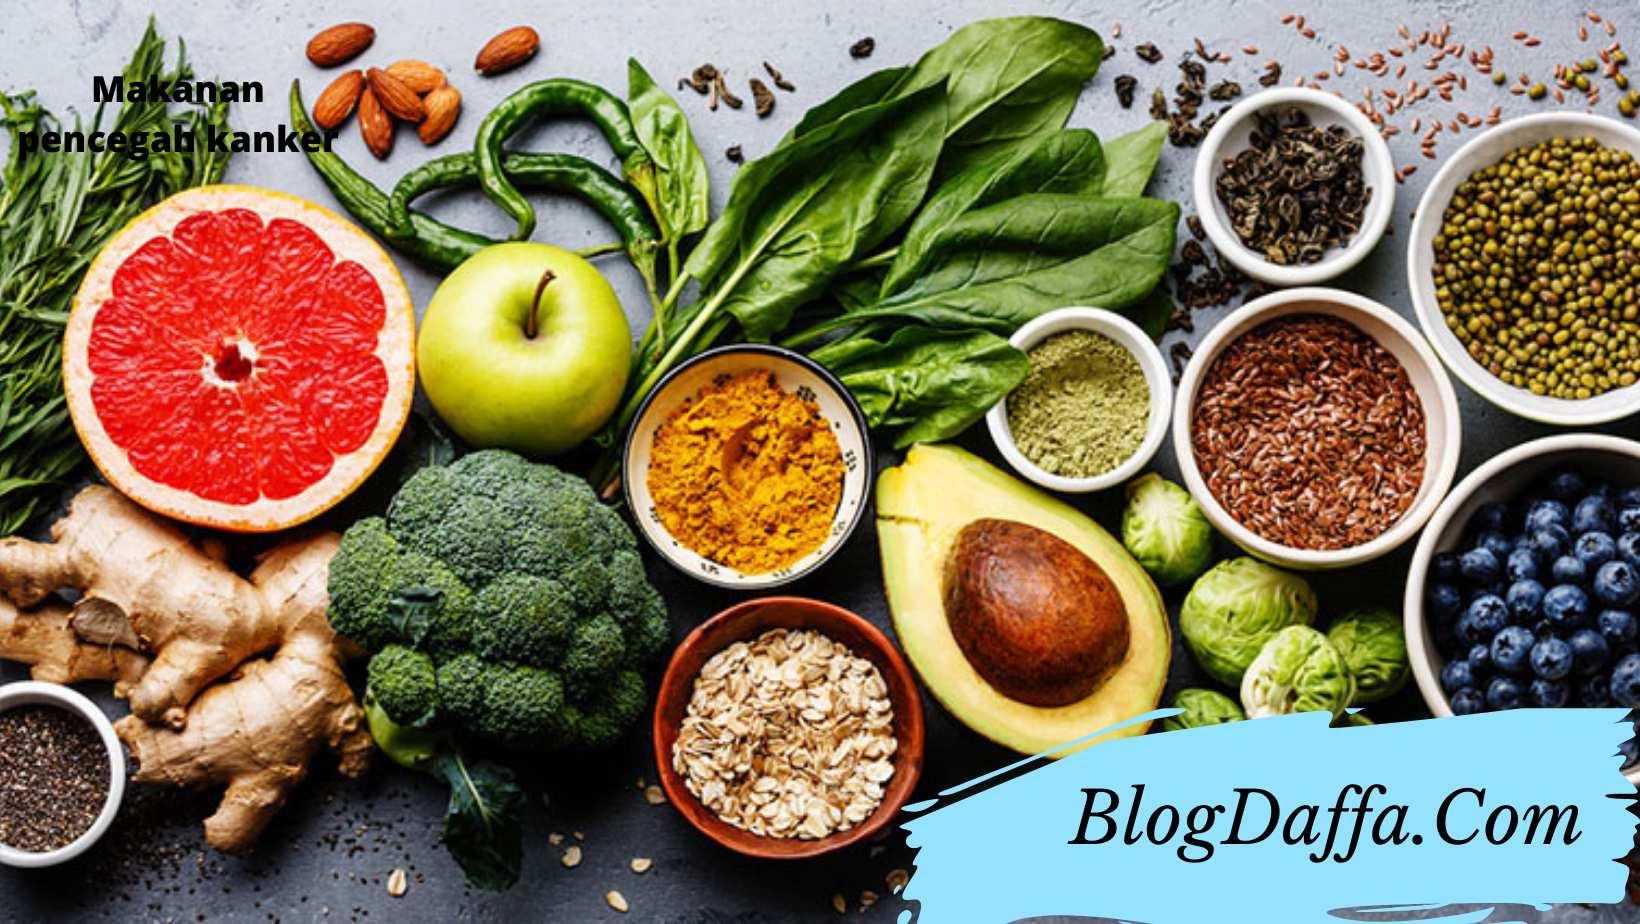 Makanan pencegah kanker banyak khasiat